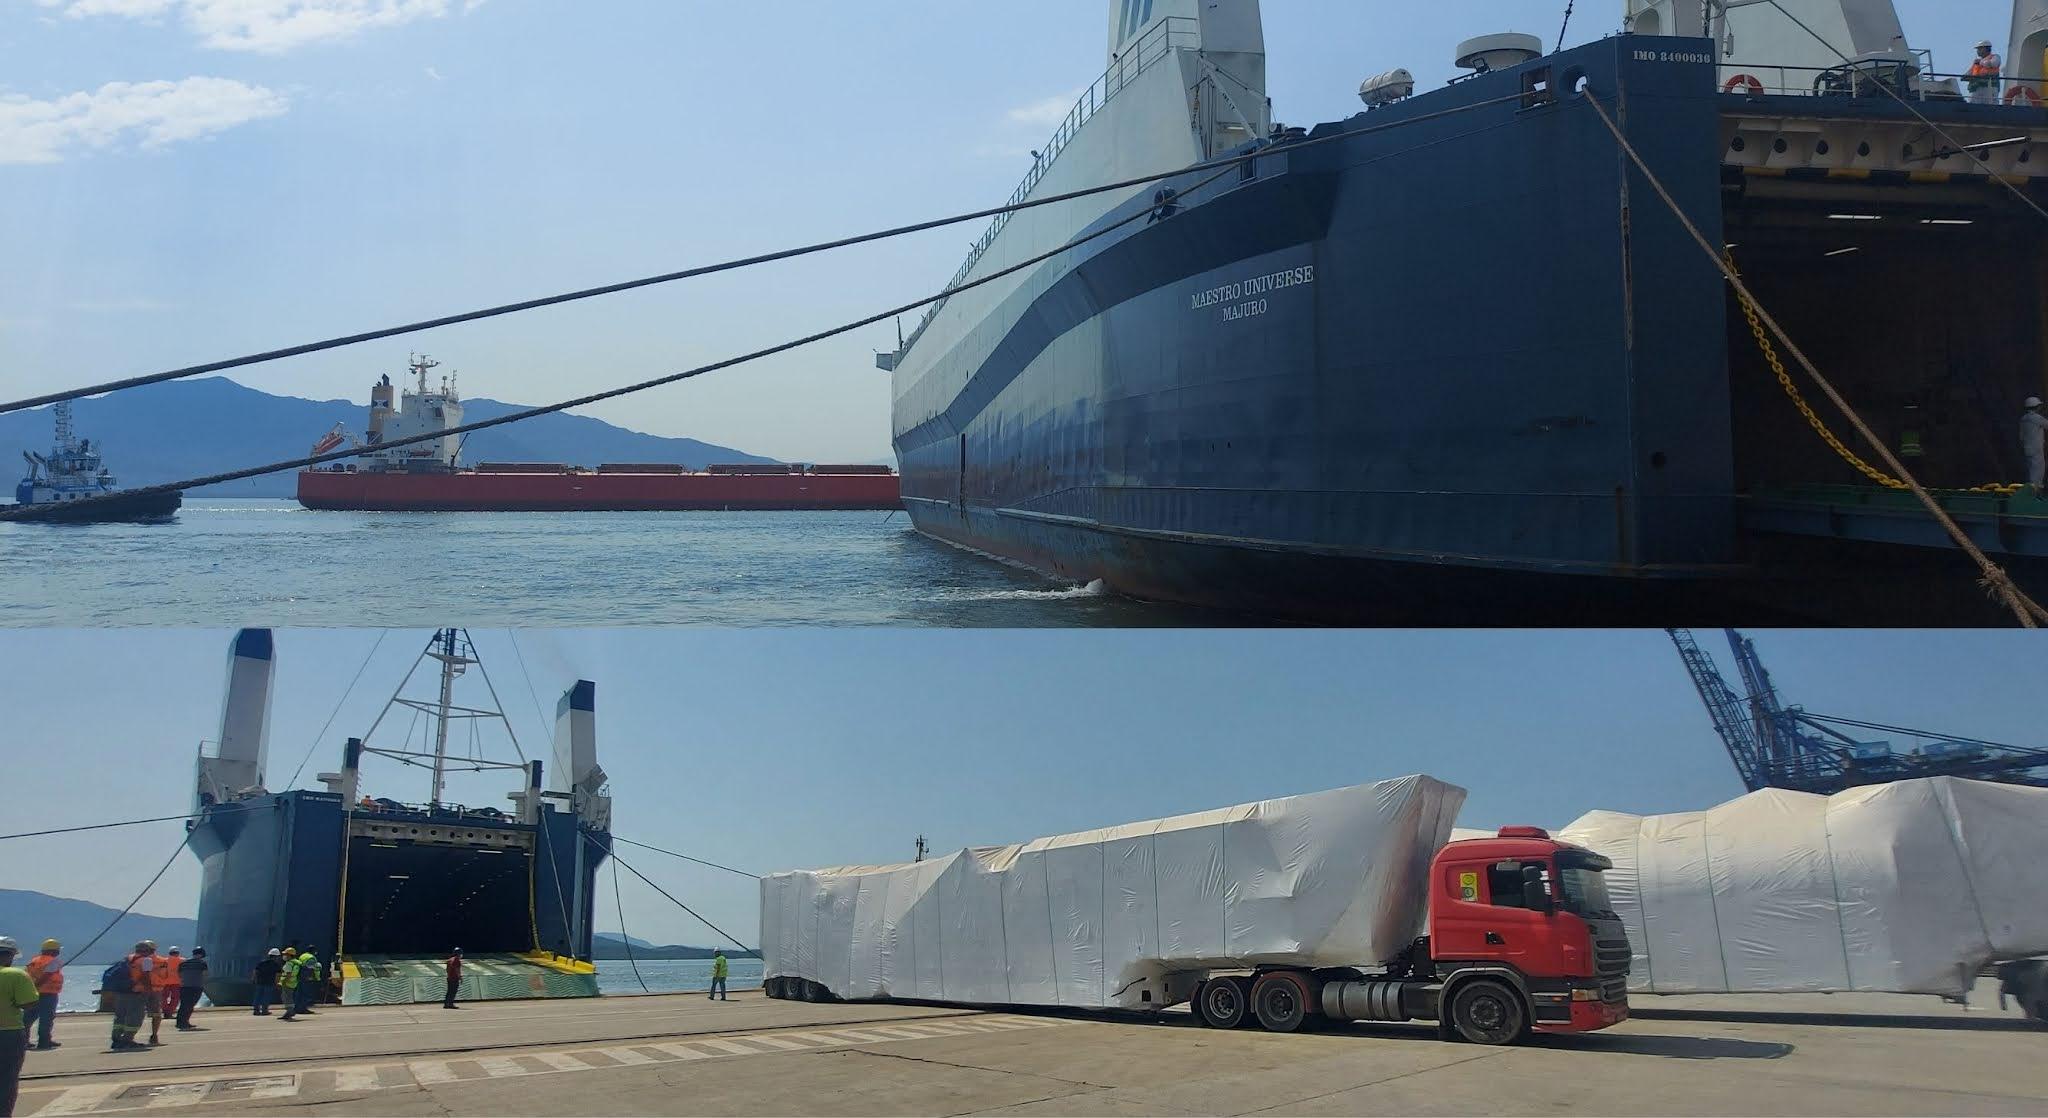 Navio atraca na perpendicular e chama atenção no Porto de Paranaguá